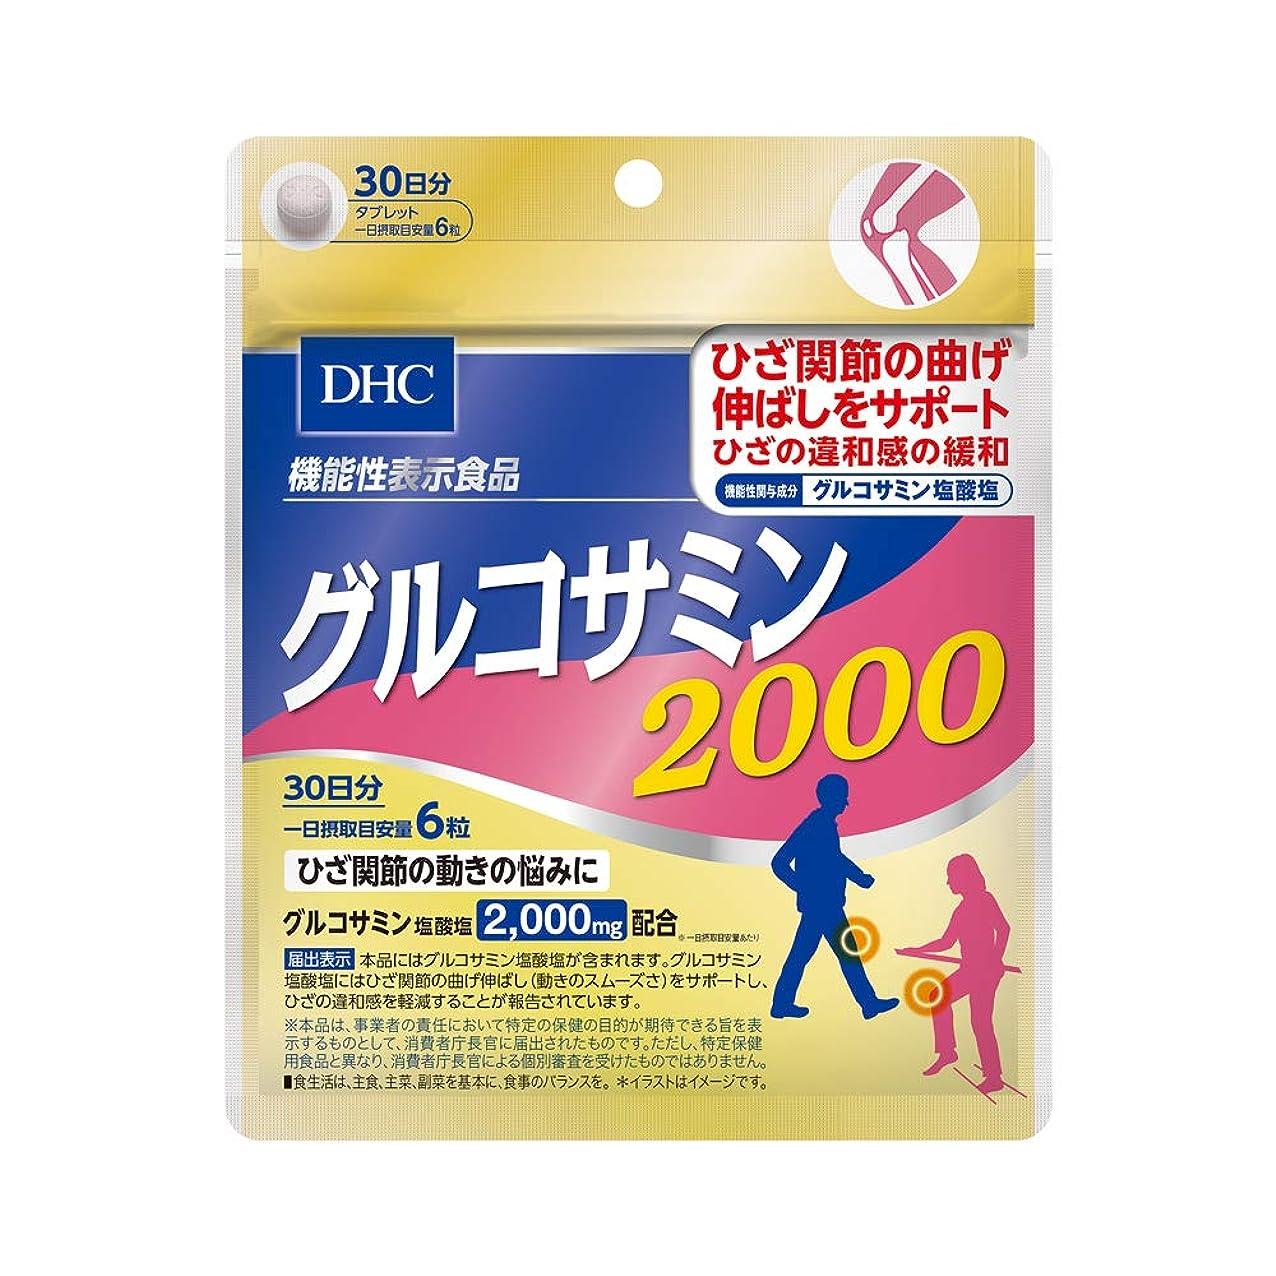 リーガン利益ぐるぐるDHC グルコサミン 2000 30日分 【機能性表示食品】